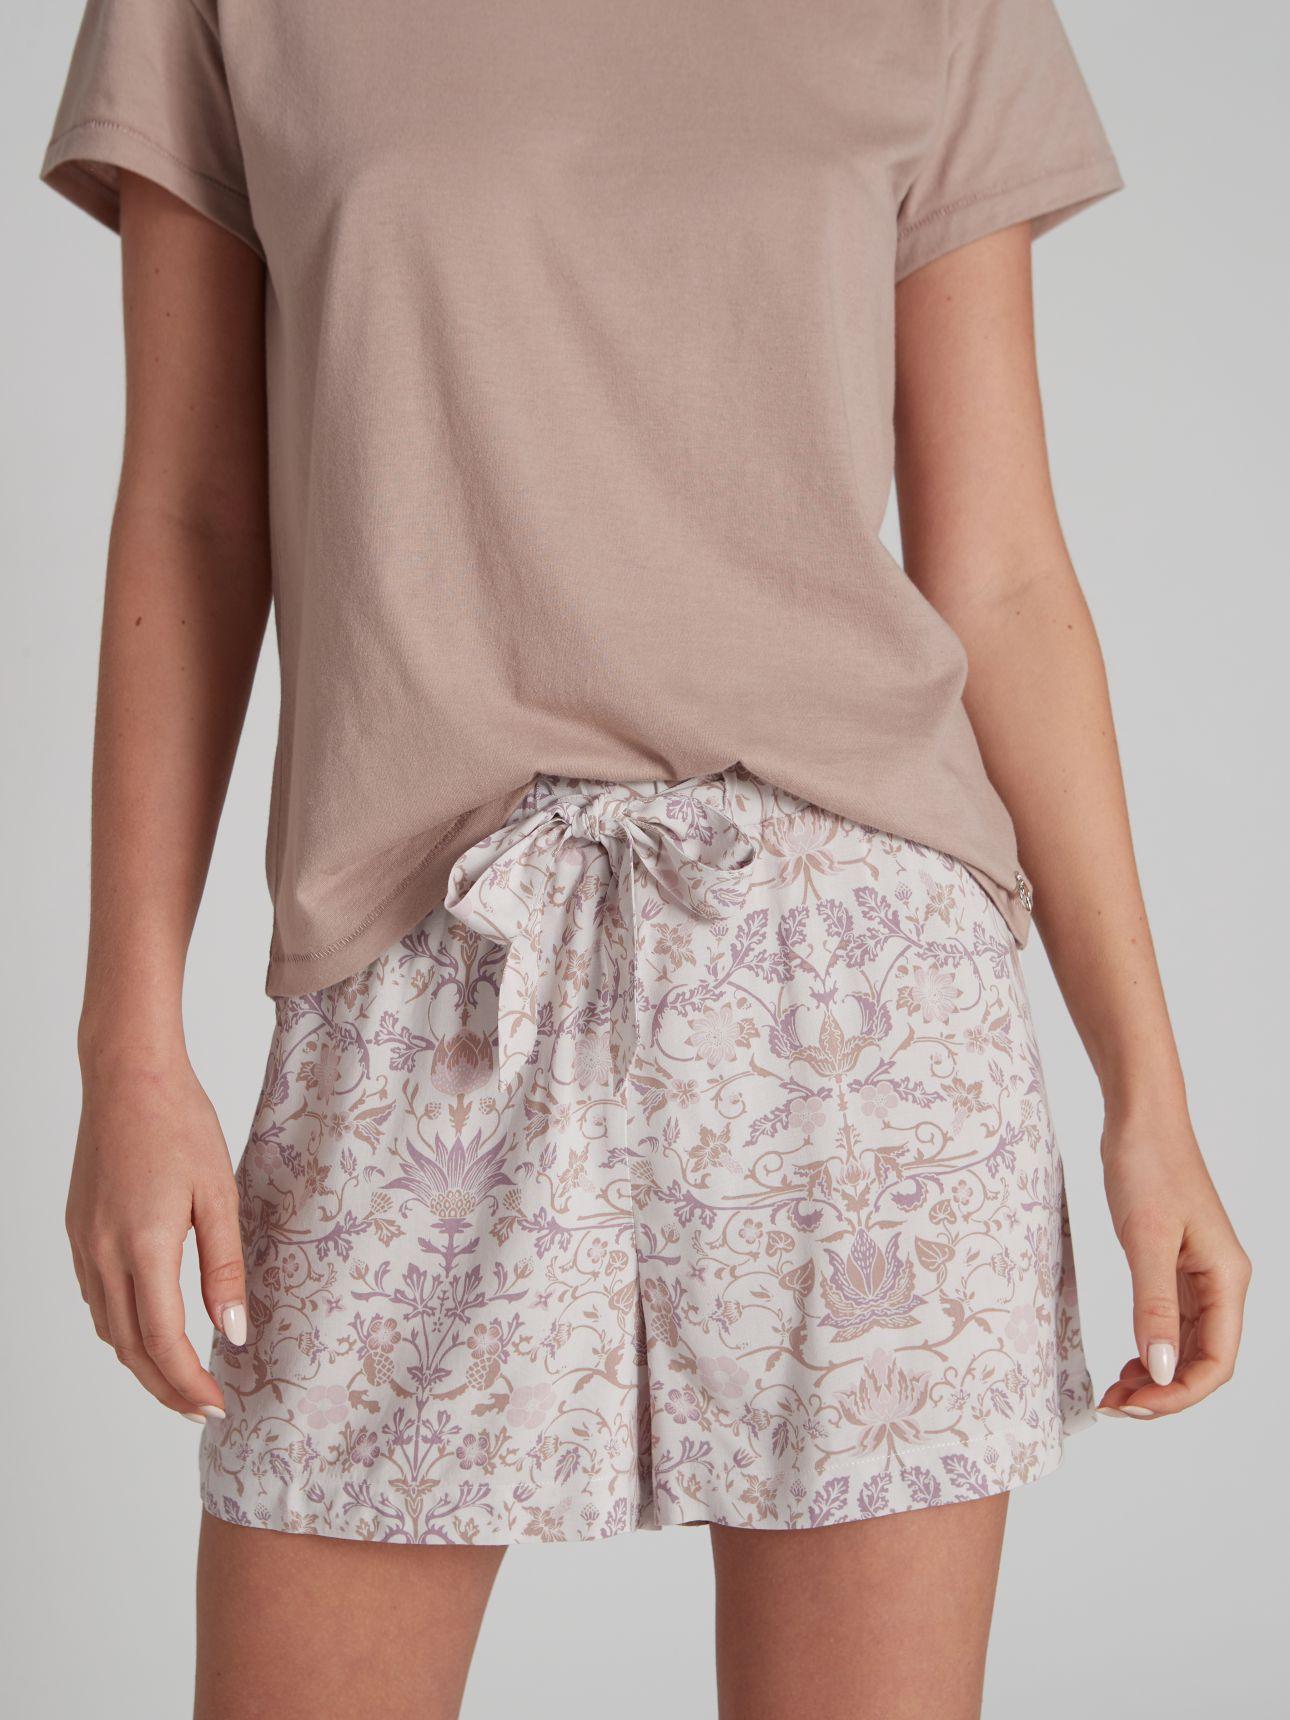 מכנסיים קצרים SOPHIA בצבע סגול בהיר